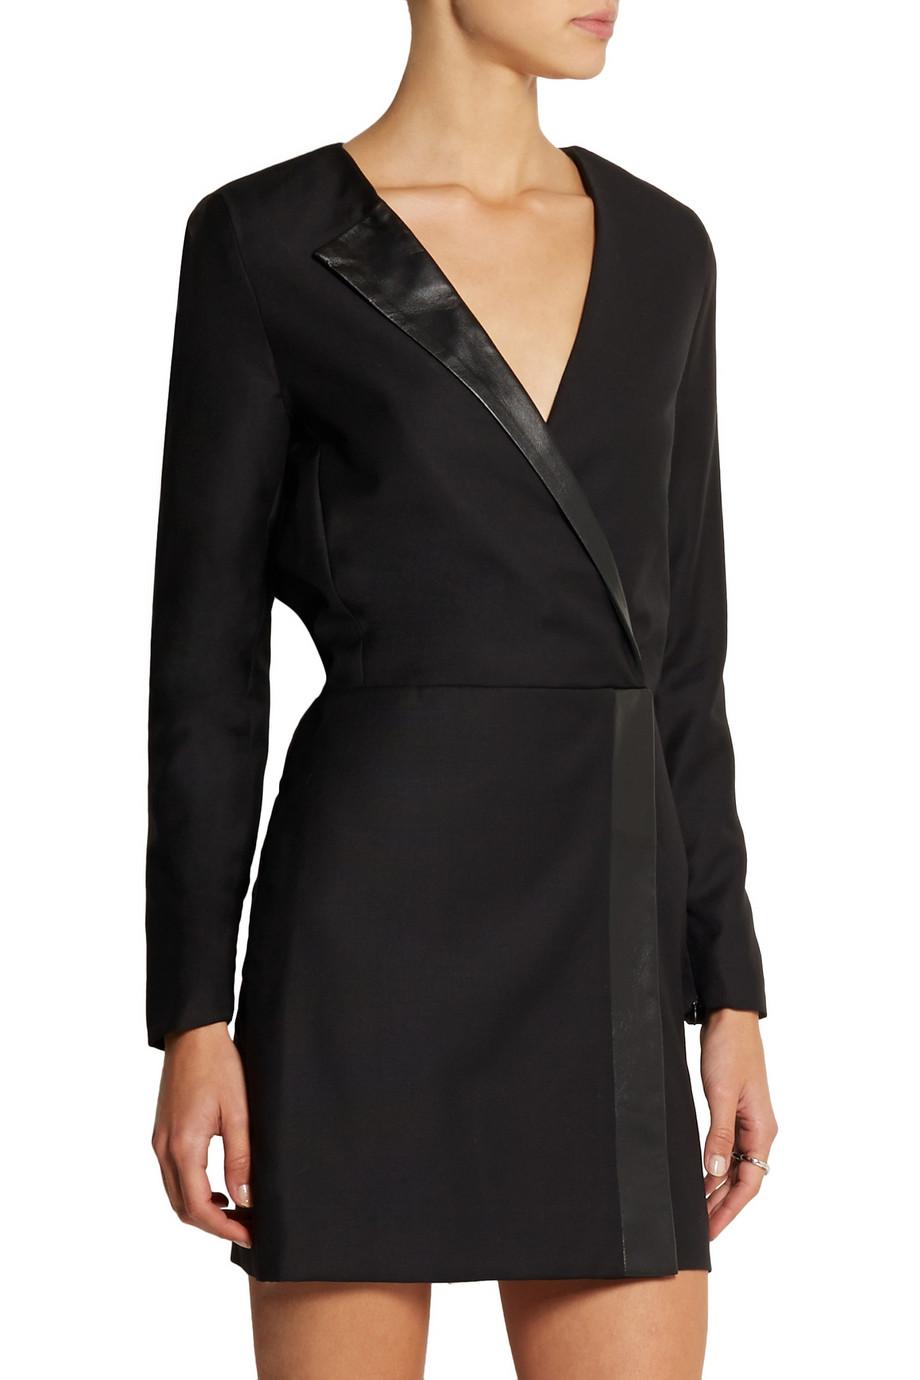 Karl Lagerfeld Emilia Wool Dress $198